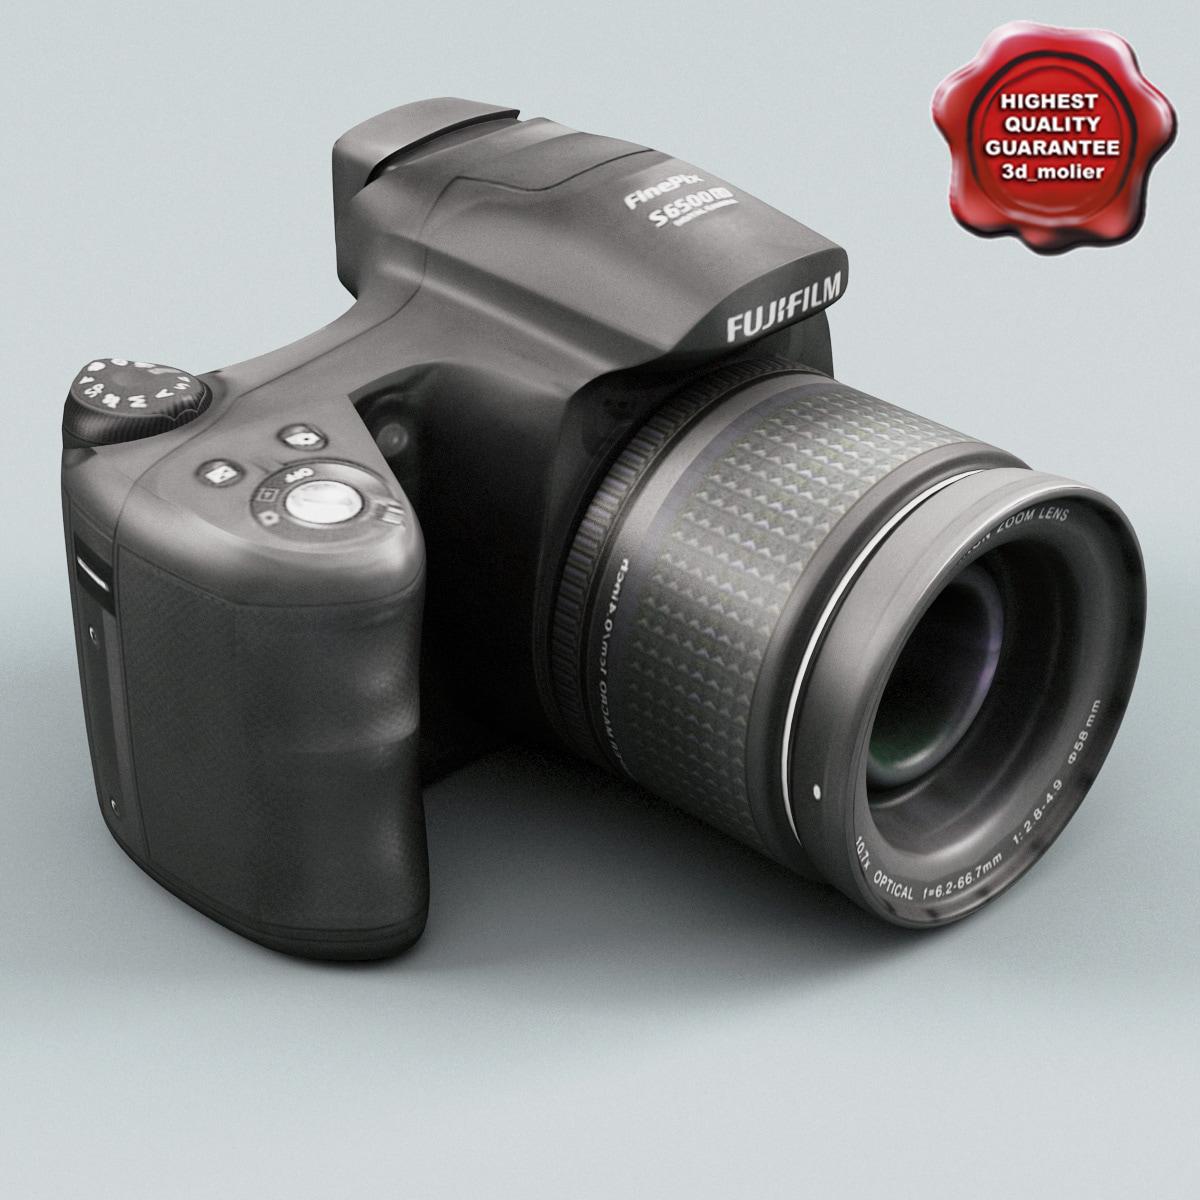 Fujifilm_Finepix_S6500_Low_Poly_00.jpg